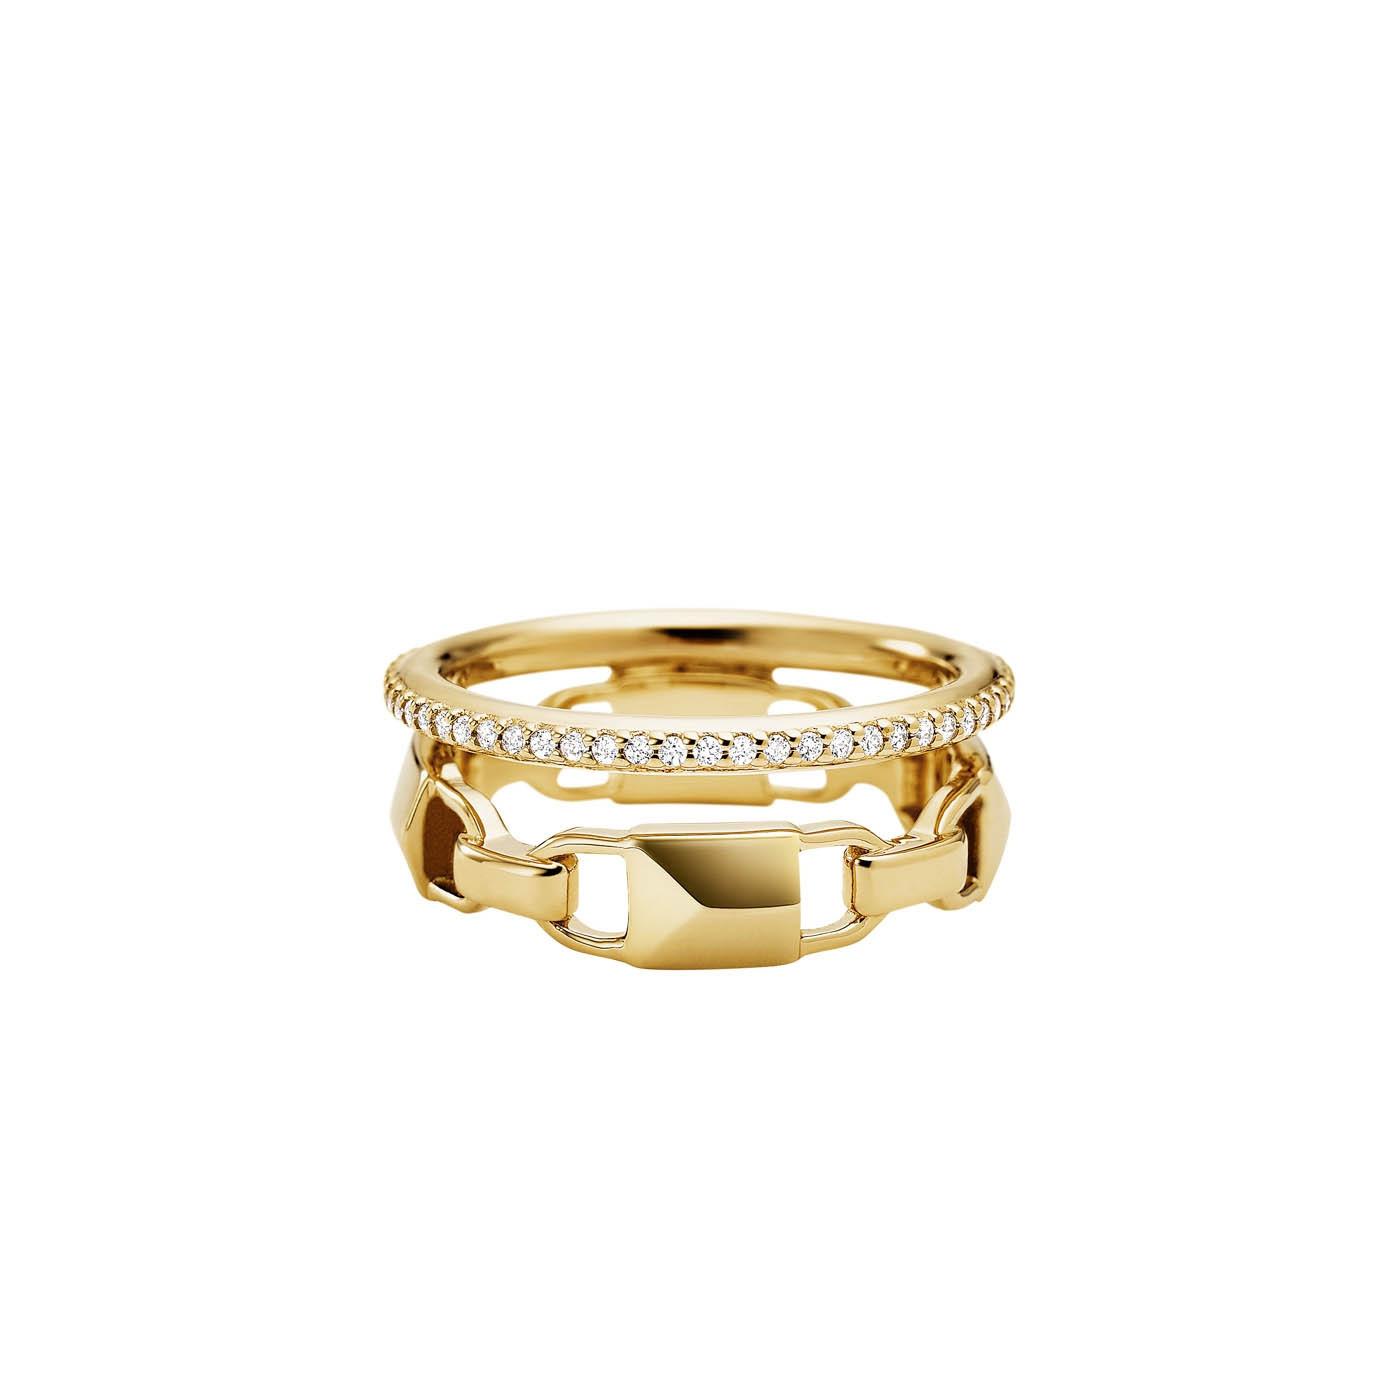 925 STERLING ZILVEREN GOUDKLEURIGE MERCER LINK RING MKC1025AN710